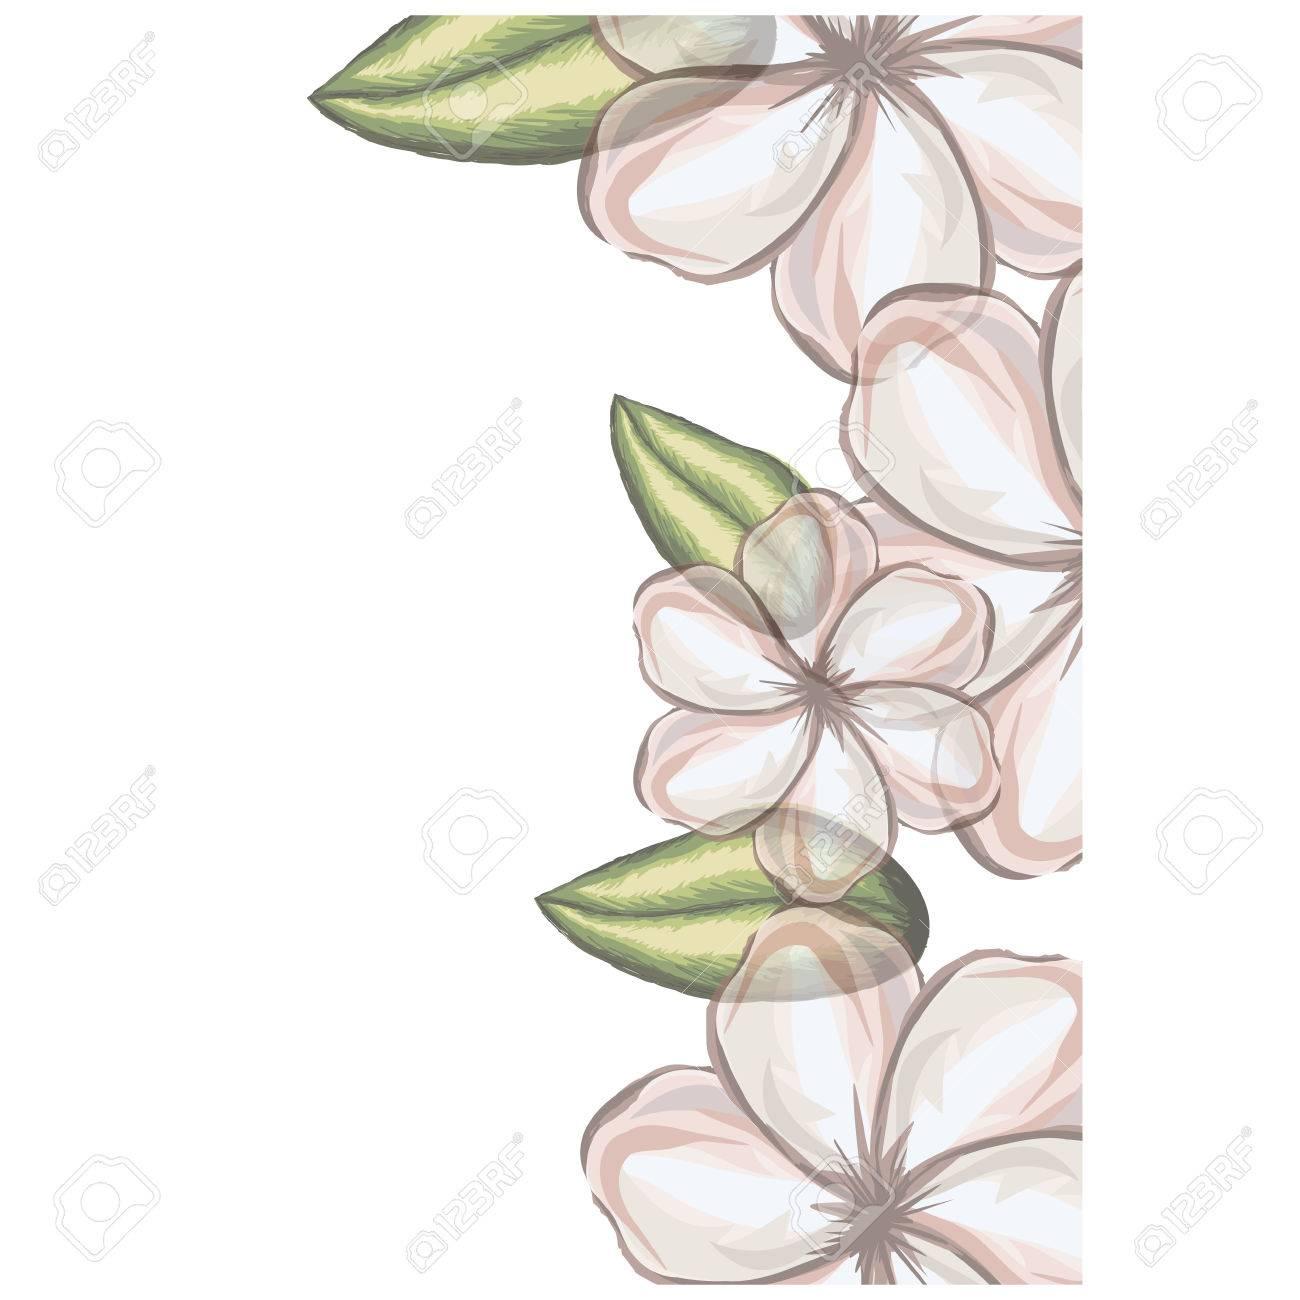 透明性のベクトル図の白いウスベニアオイ花のカラフルな花柄背景